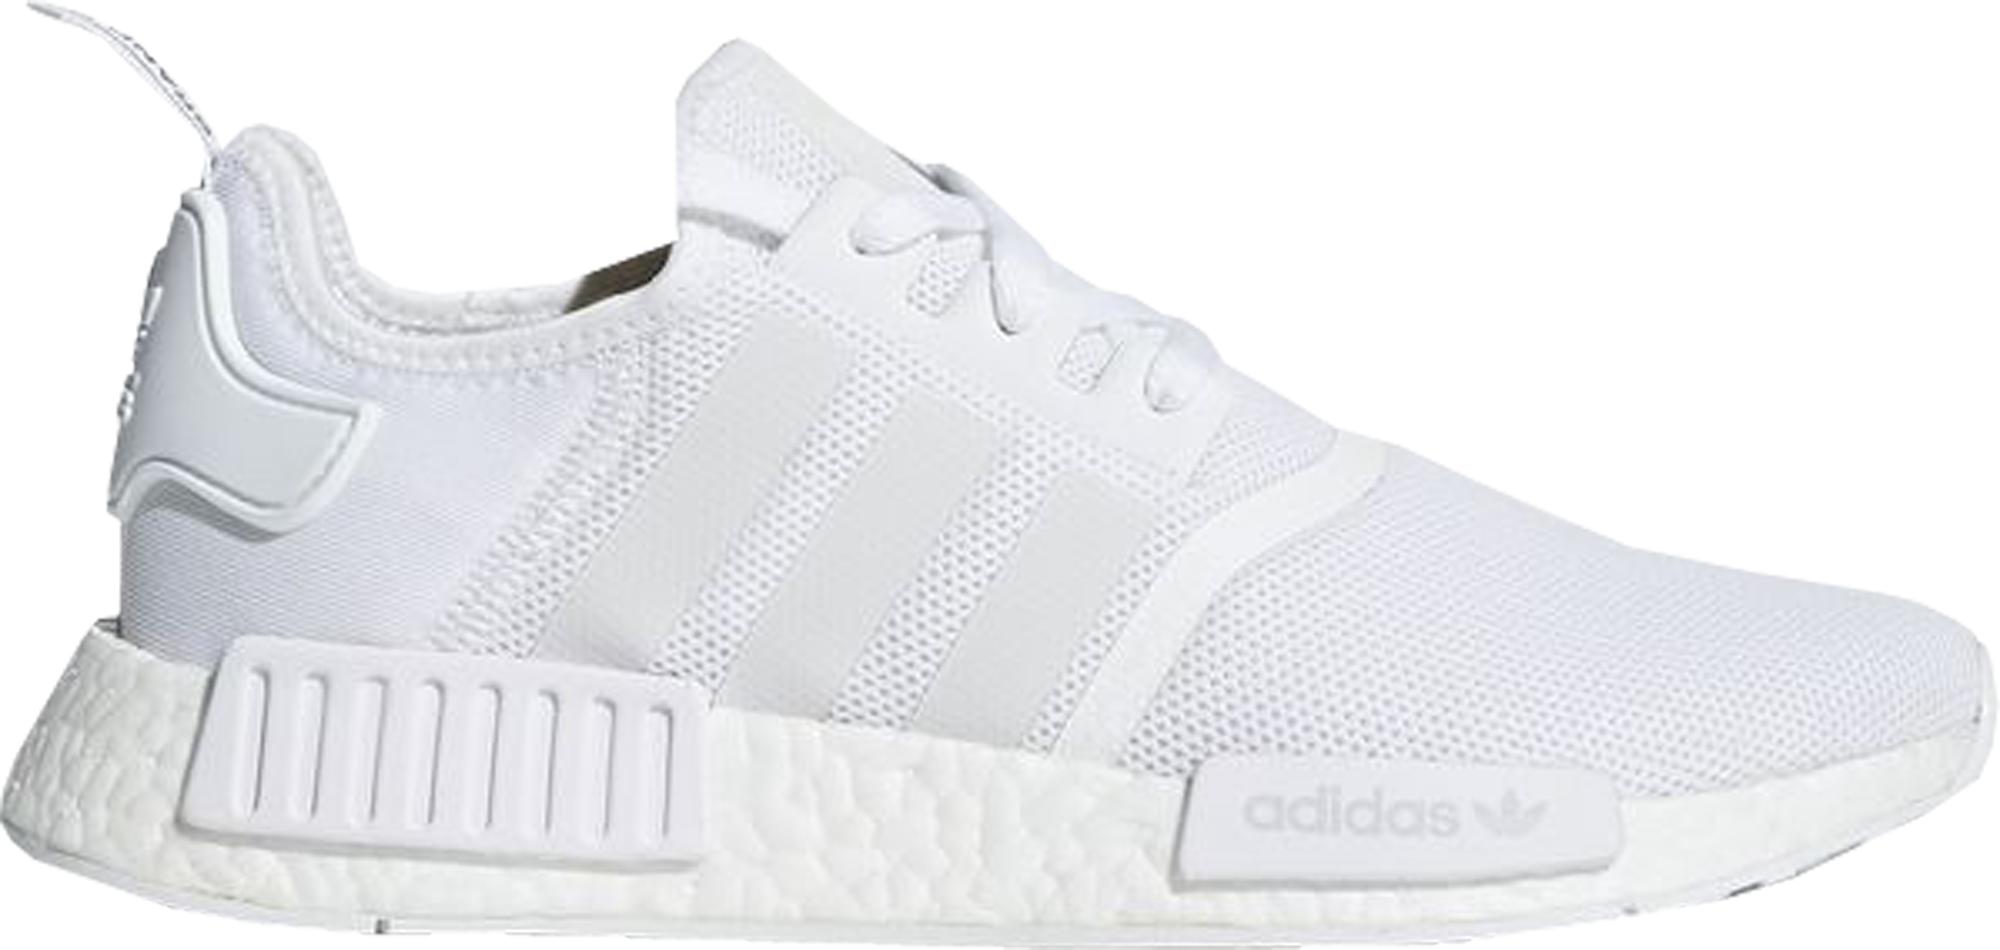 adidas NMD R1 Footwear White Trace Grey